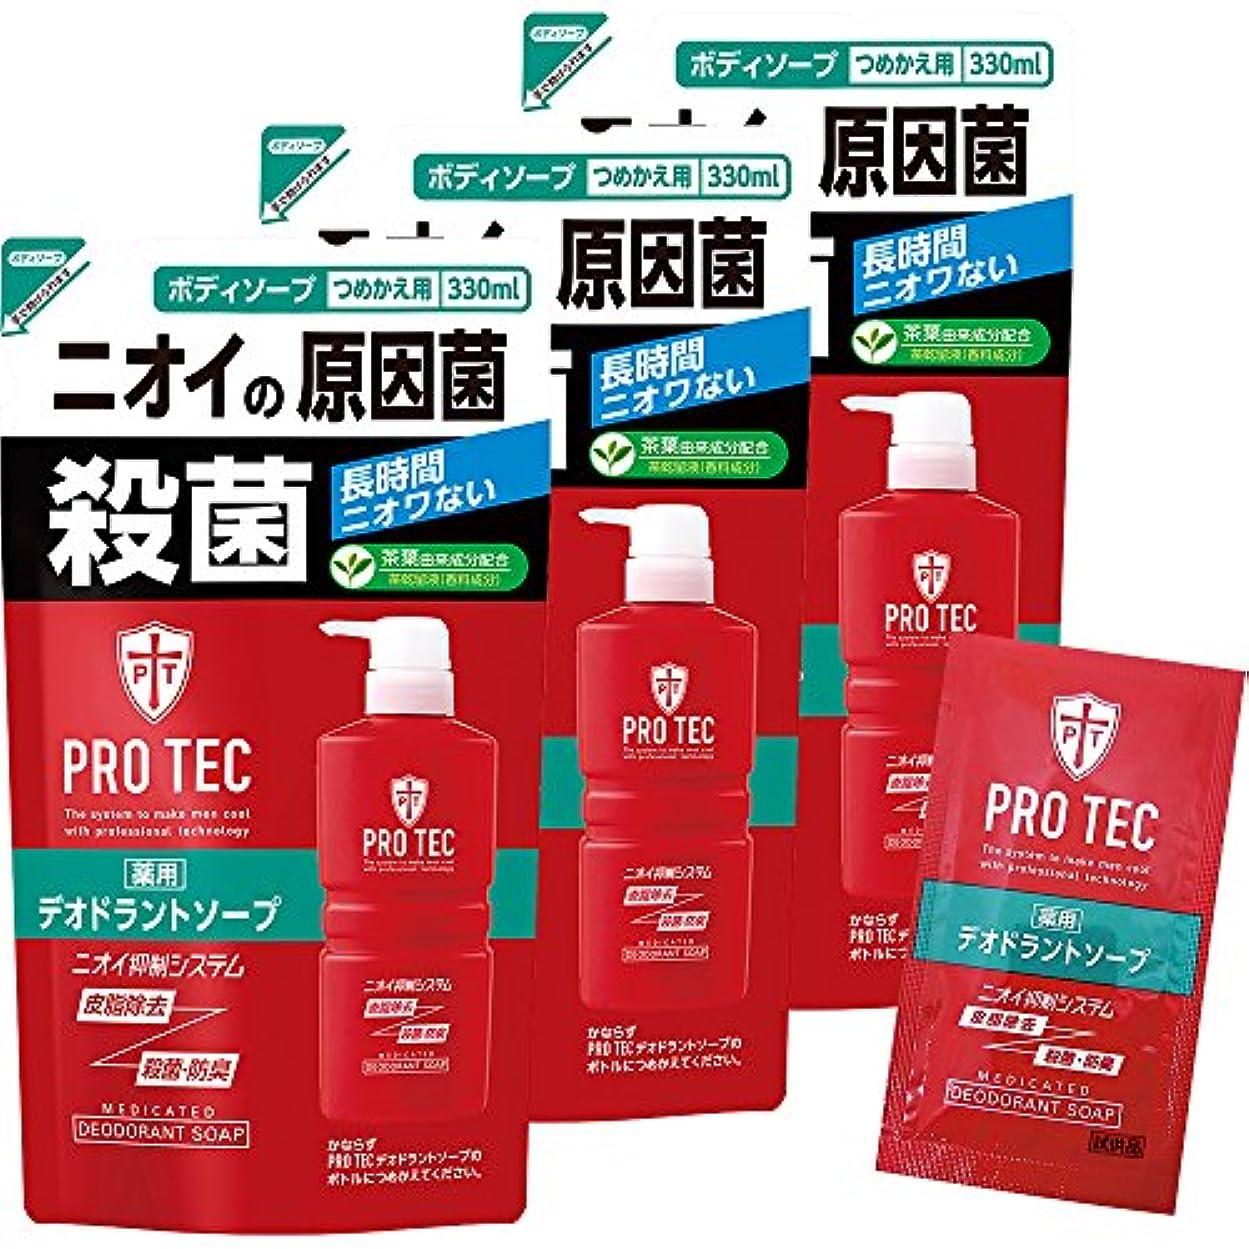 ホット発明する社交的【Amazon.co.jp限定】PRO TEC(プロテク) デオドラントソープ 詰め替え(医薬部外品) 330ml×3個パック+デオドラントソープ1回分付